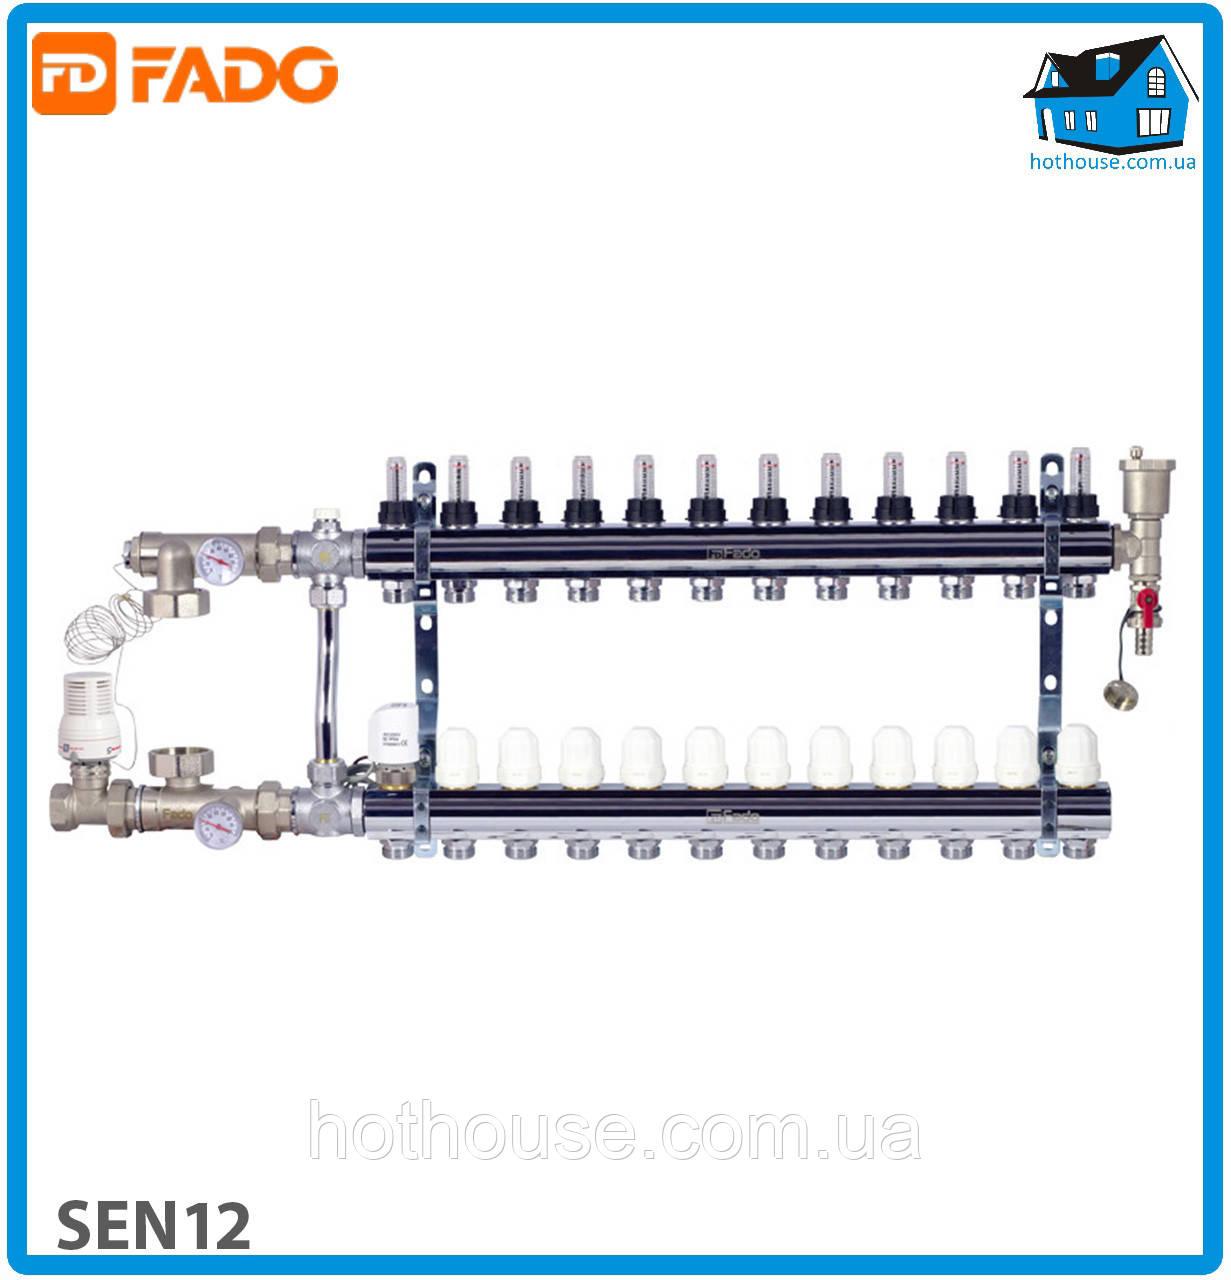 Комплект для підключення системи тепла підлога FADO SEN12 FLOOR 12 виходів